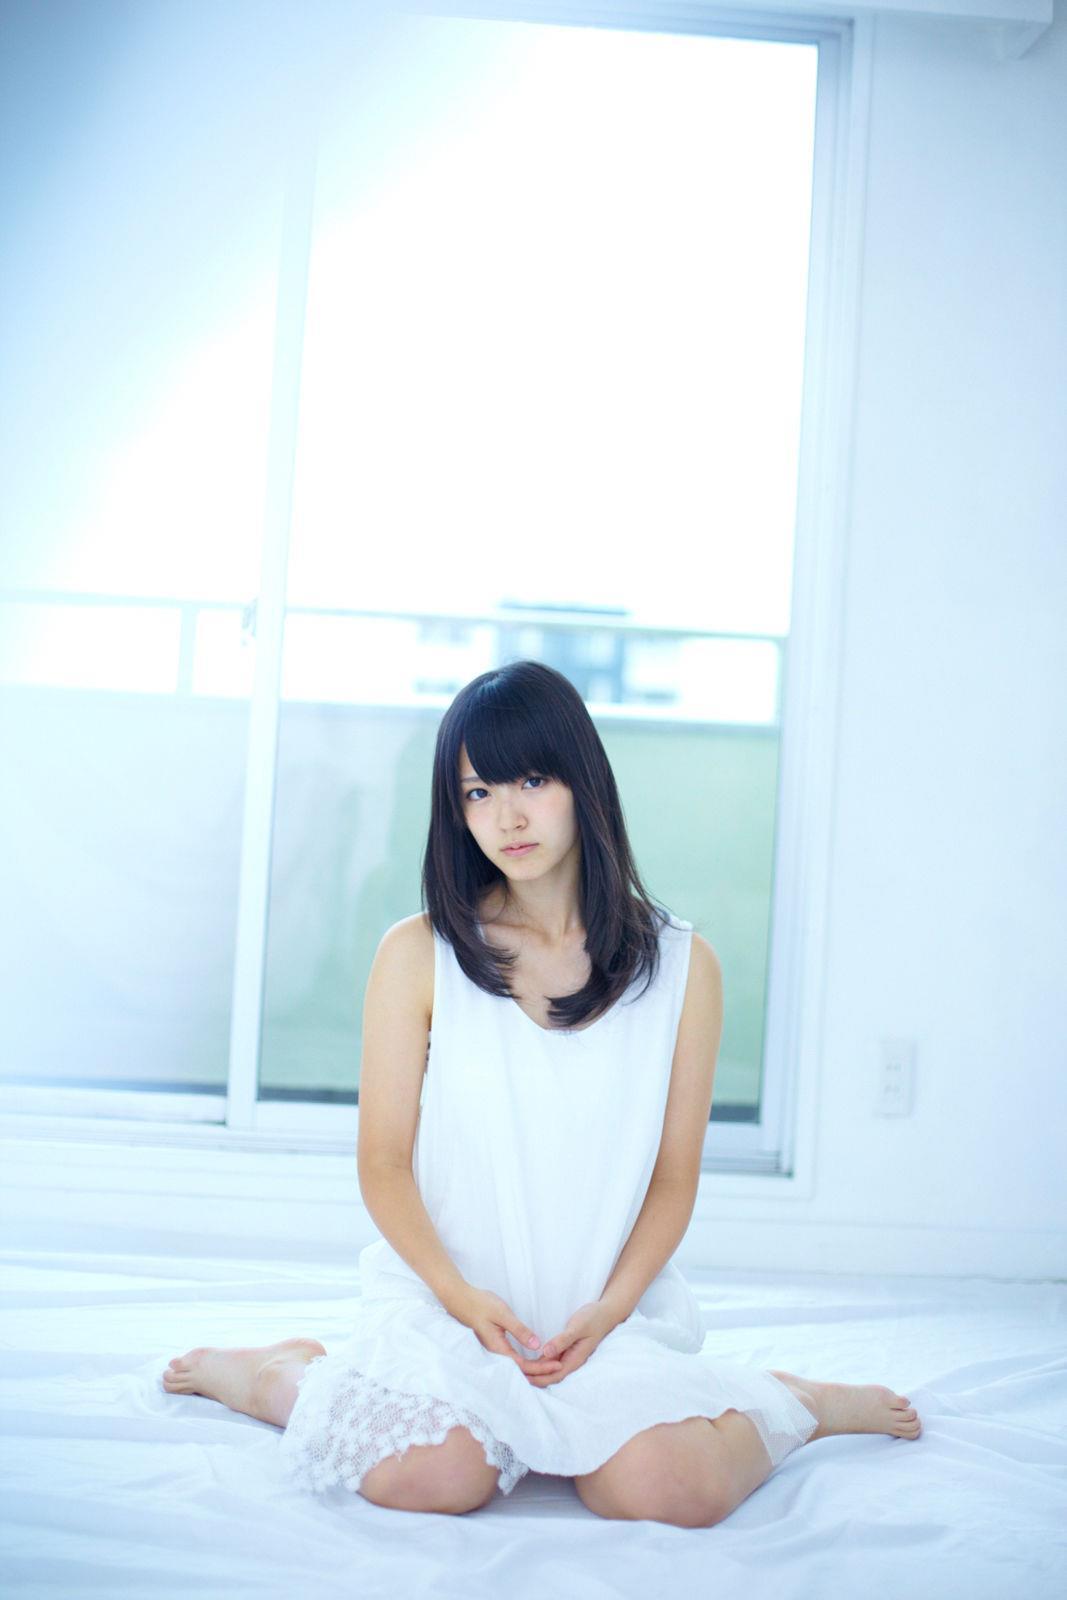 鈴木愛理(℃-ute) セクシー画像 30